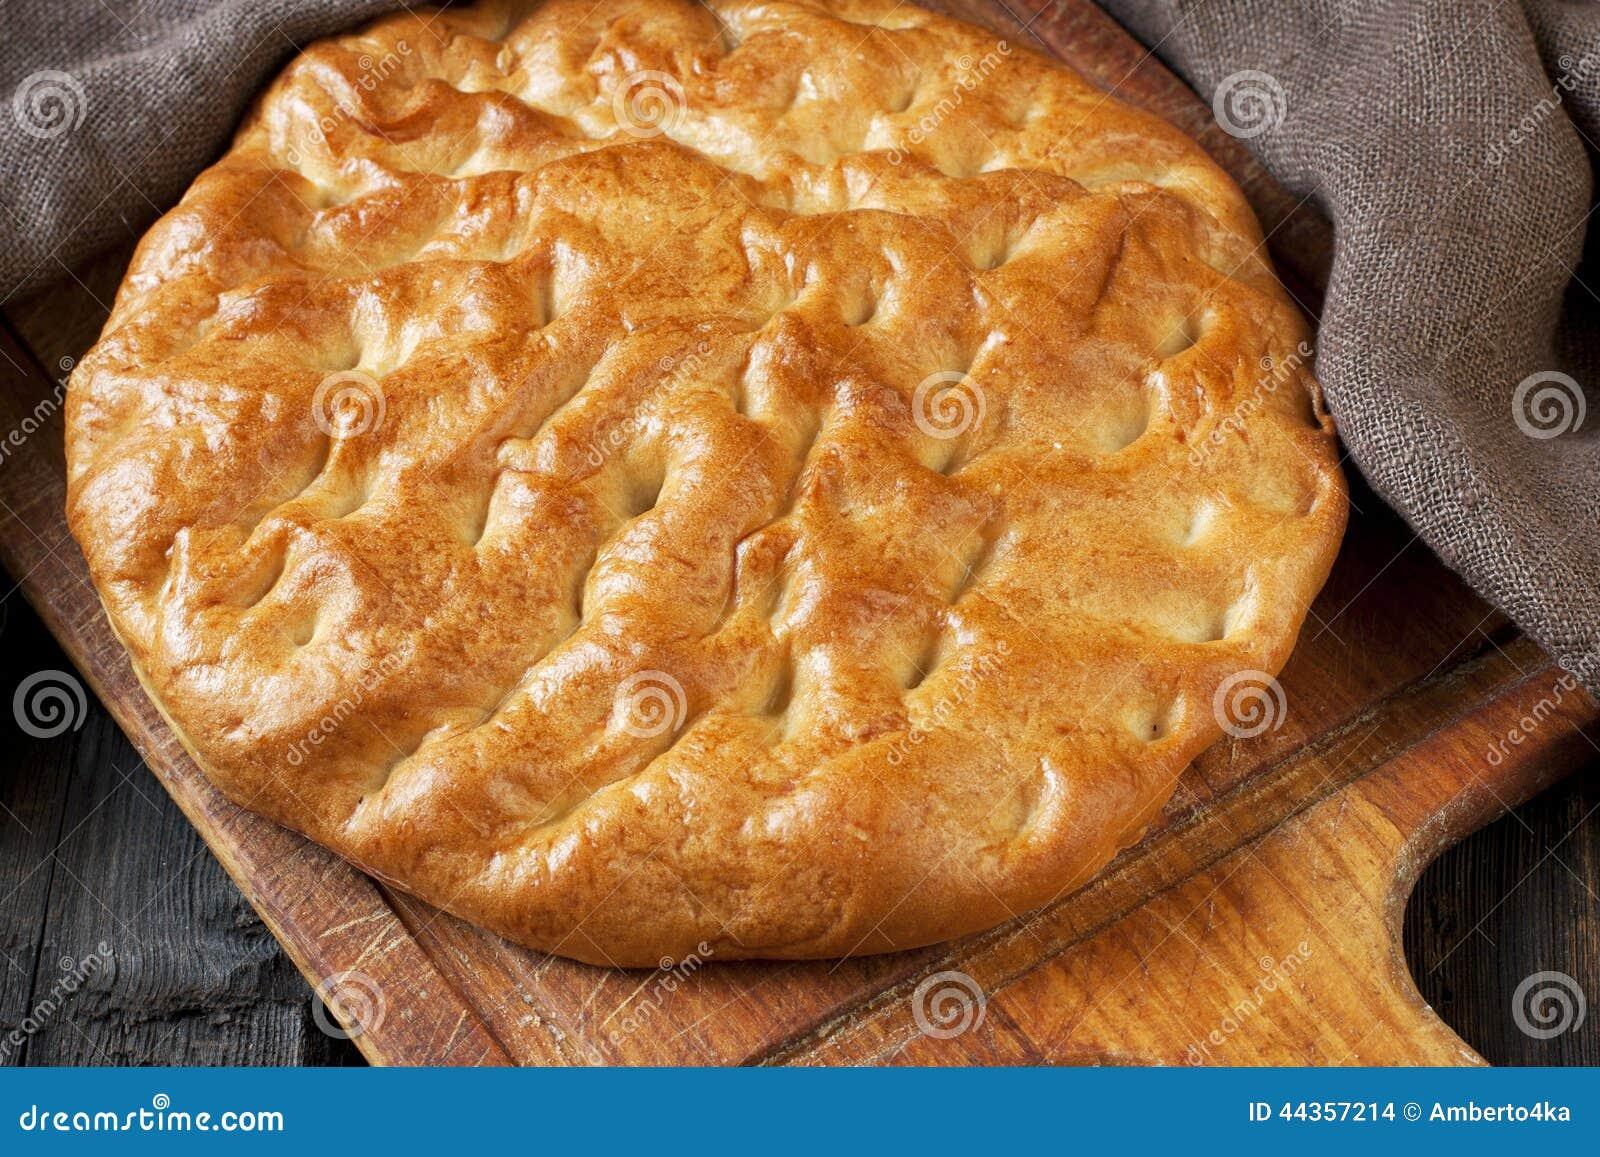 Pane tradizionale di recente cotto